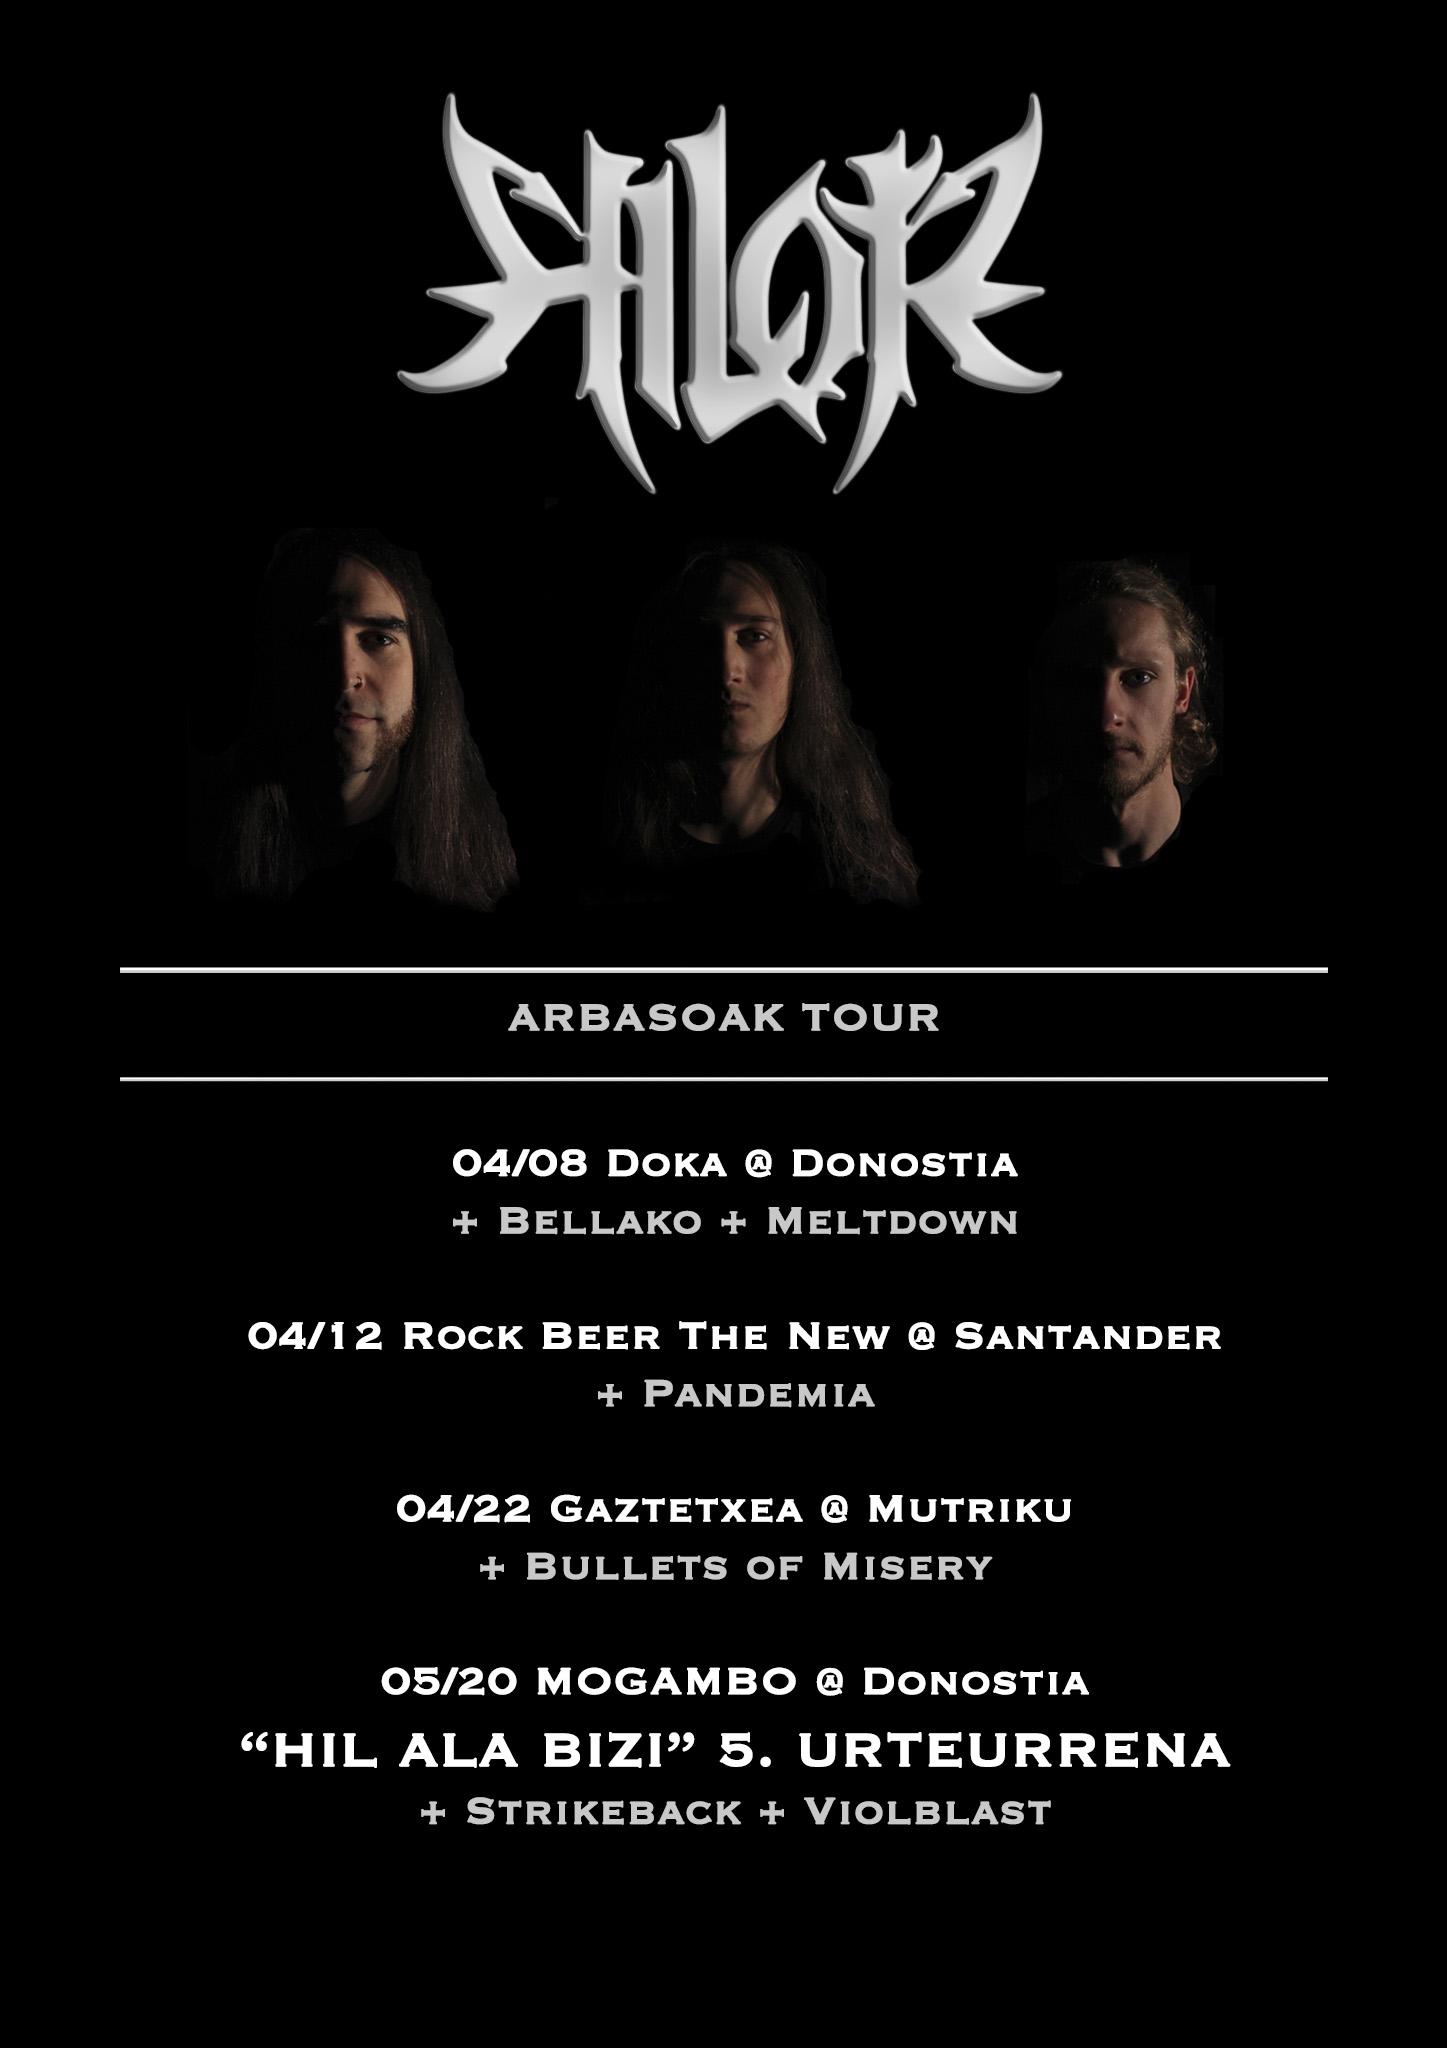 Arbasoak Tour